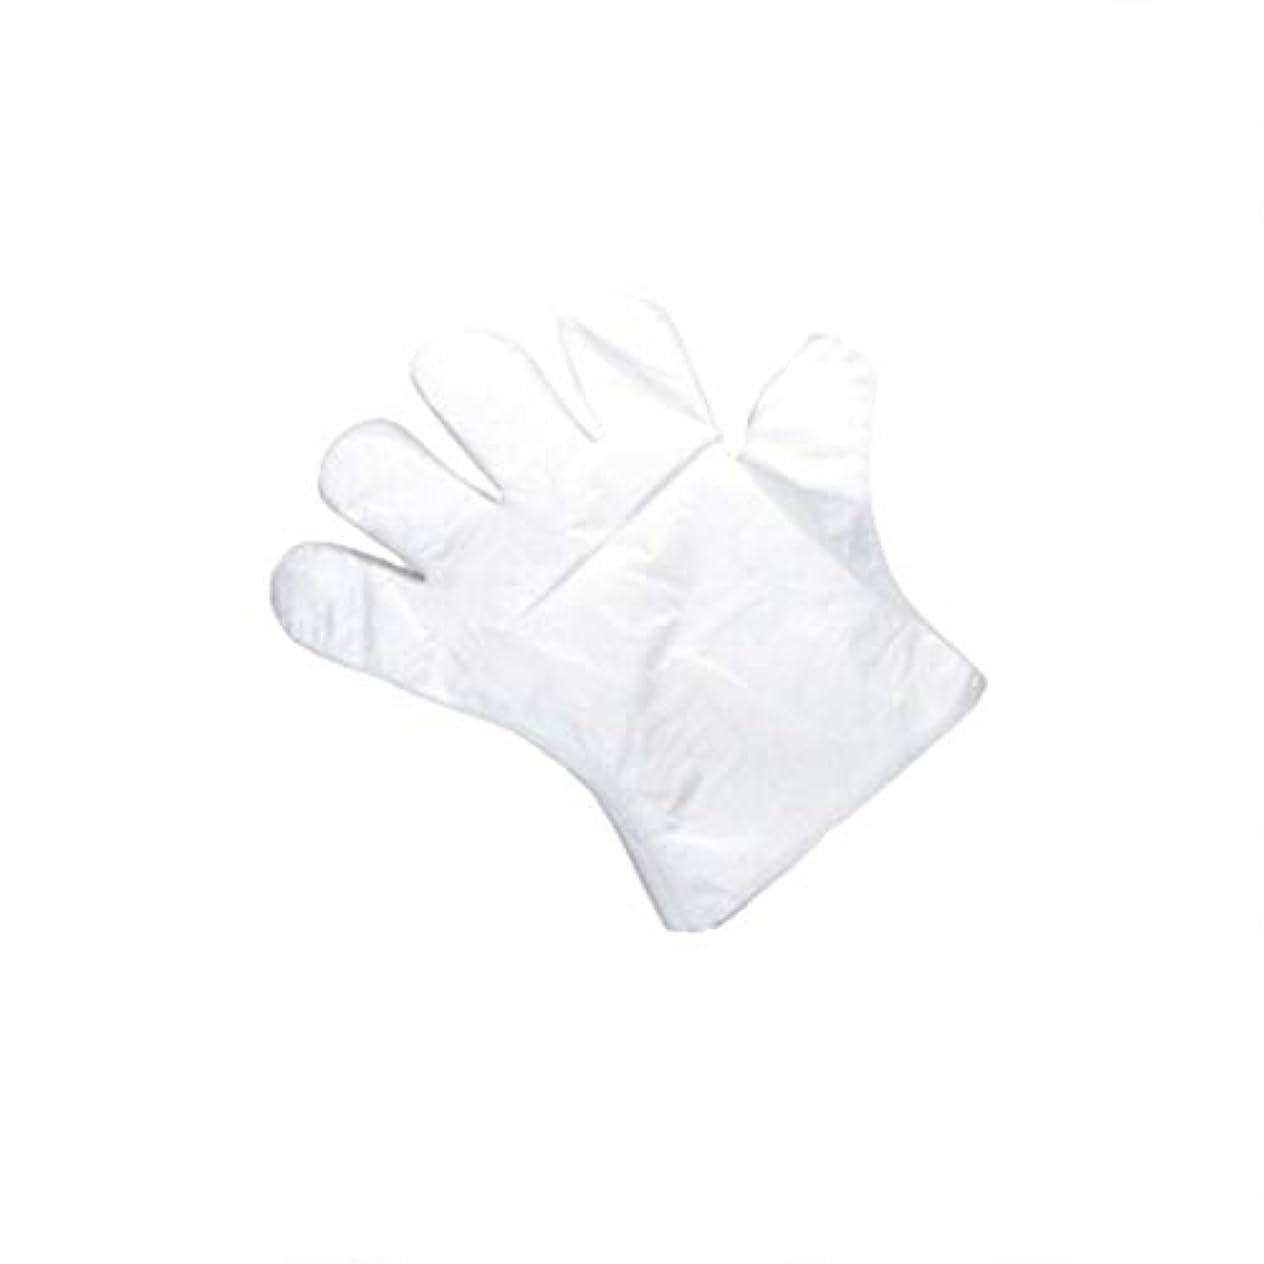 ぶどうフライカイト振る舞う手袋、使い捨て手袋、肥厚、抽出手袋、テーブル、ピクニック、100スーツ。